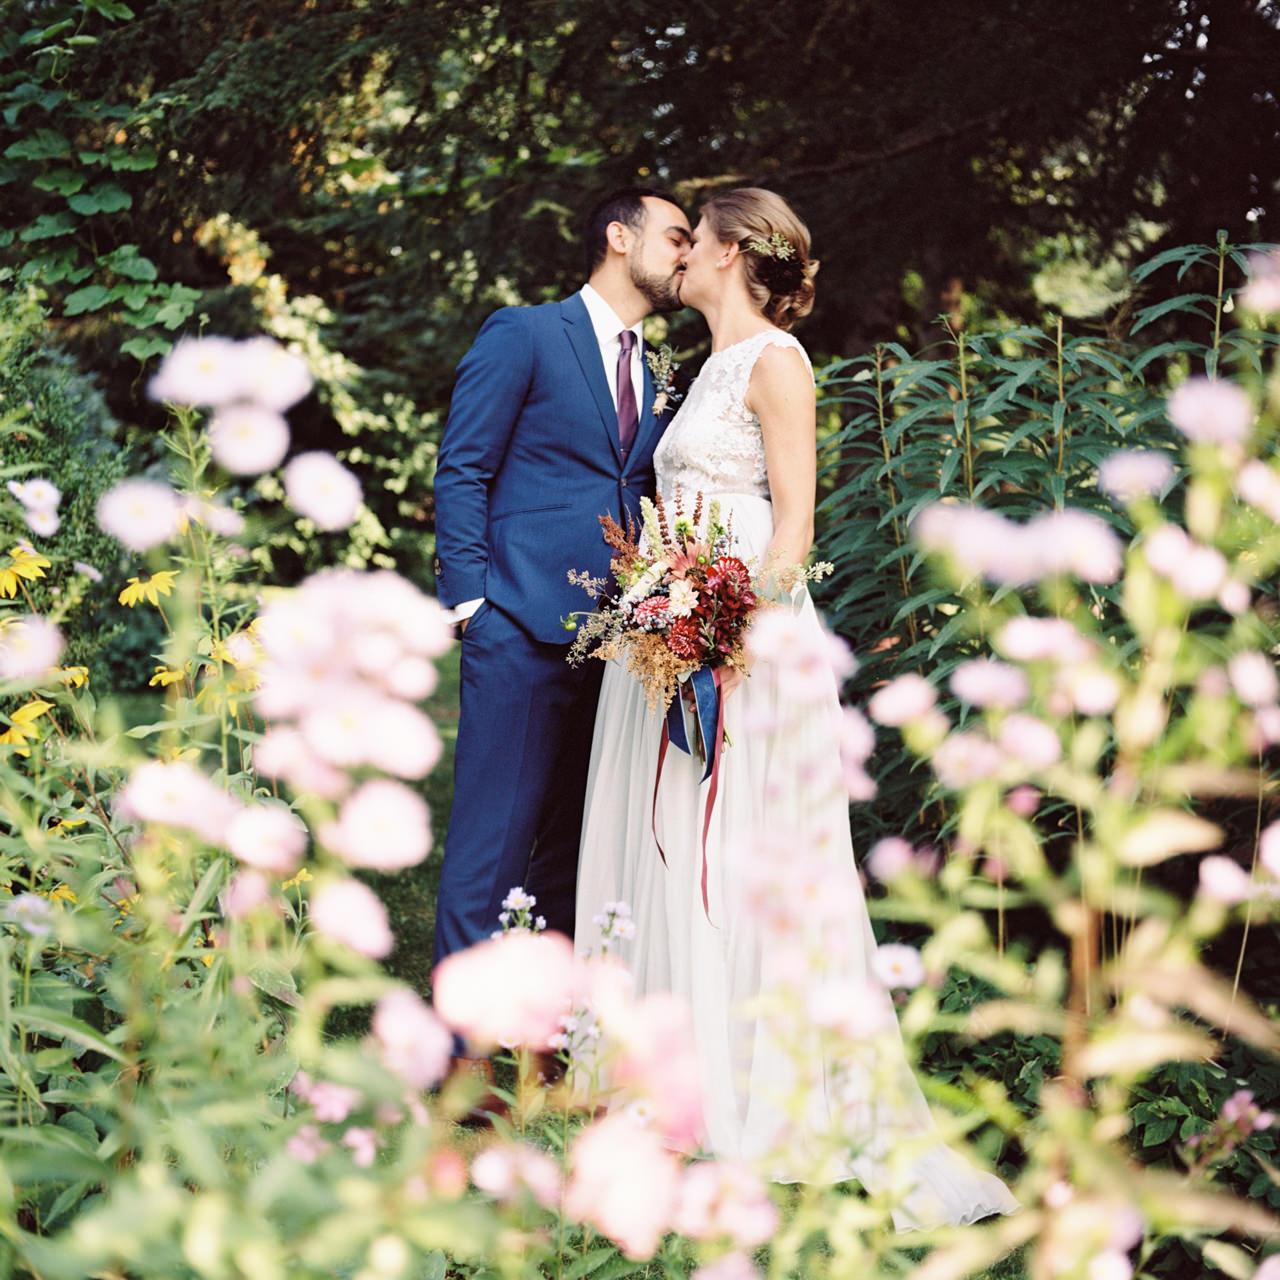 mt-hood-organic-farms-film-wedding-11a.jpg